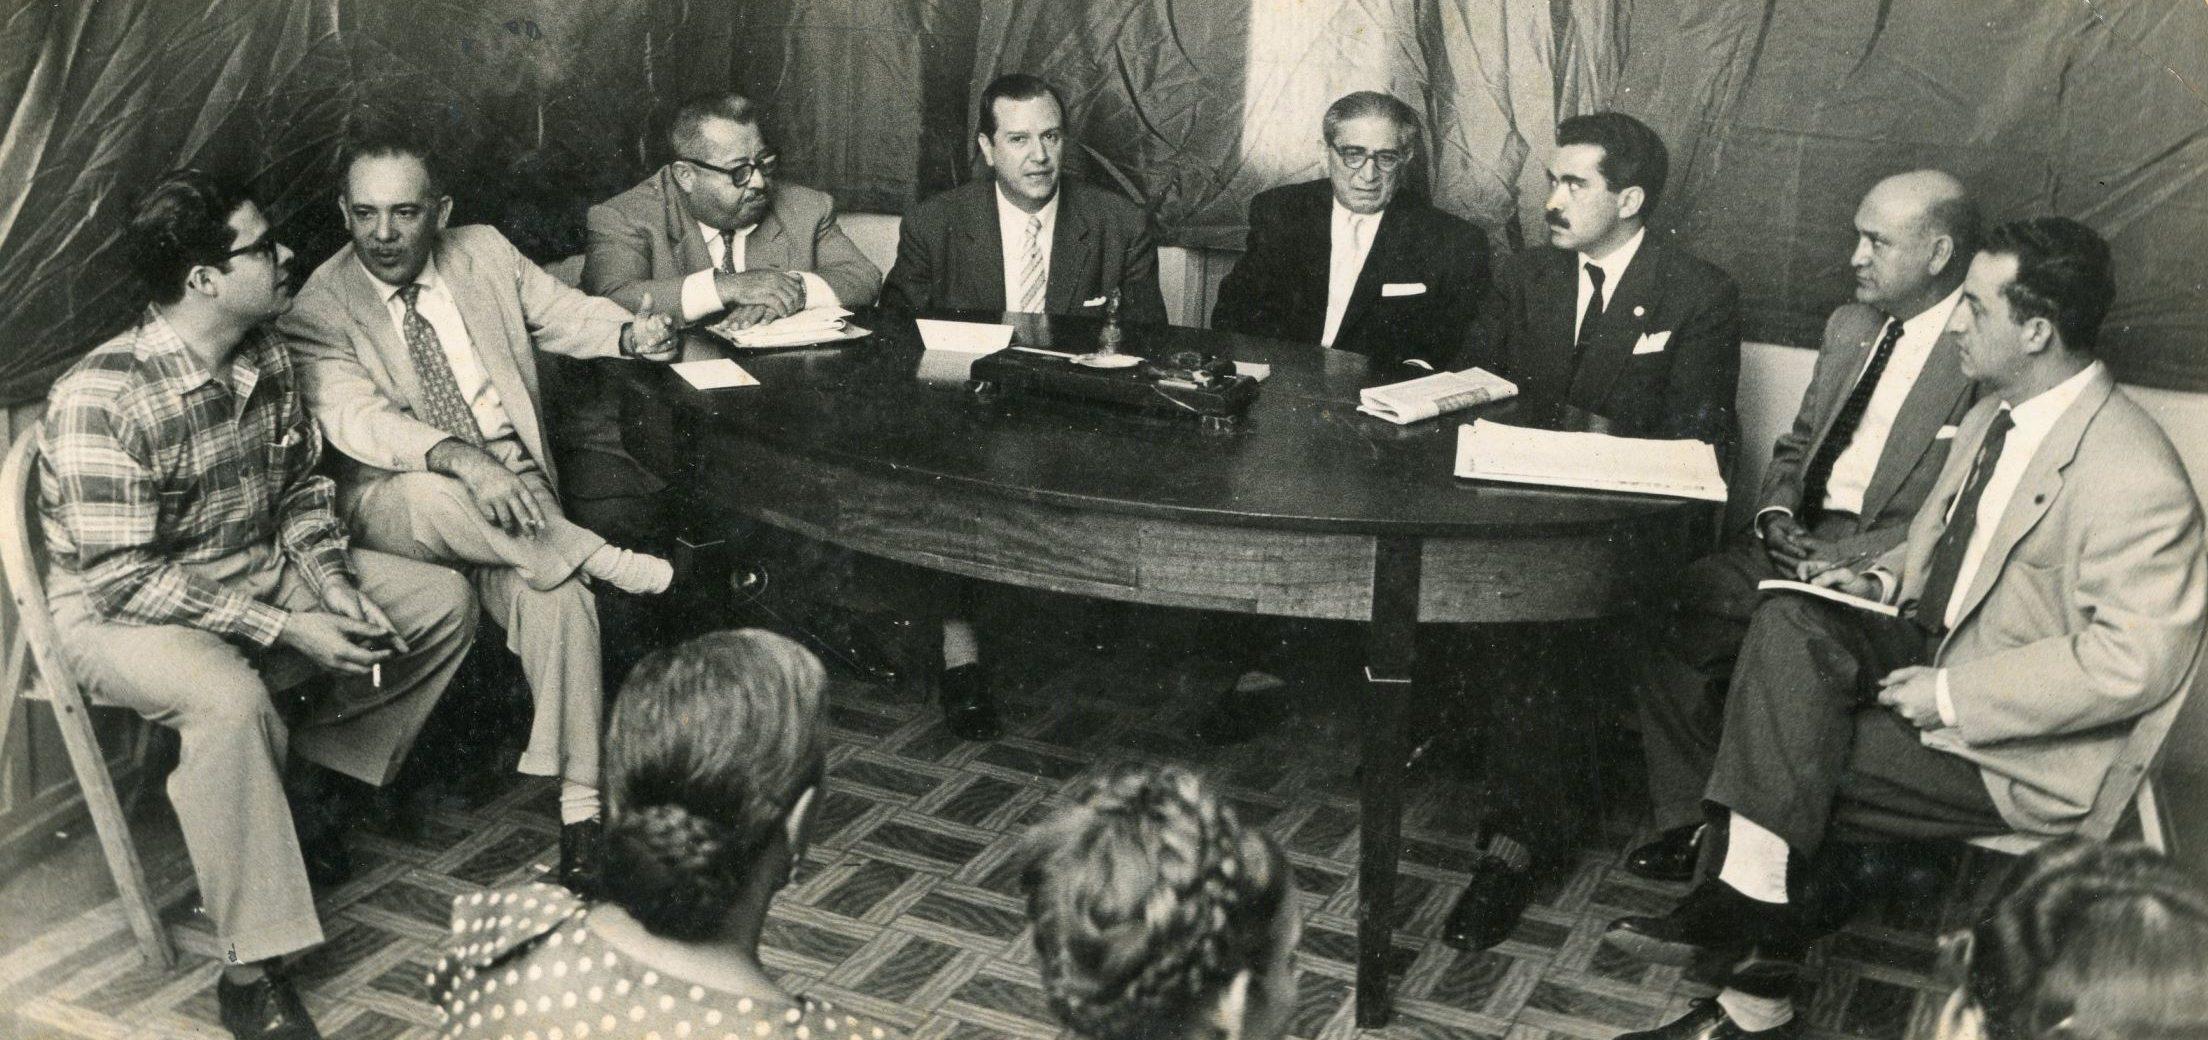 1958. Octubre, 16. El ejecutivo colegiado o plural y el consejo consultivo, propuestos